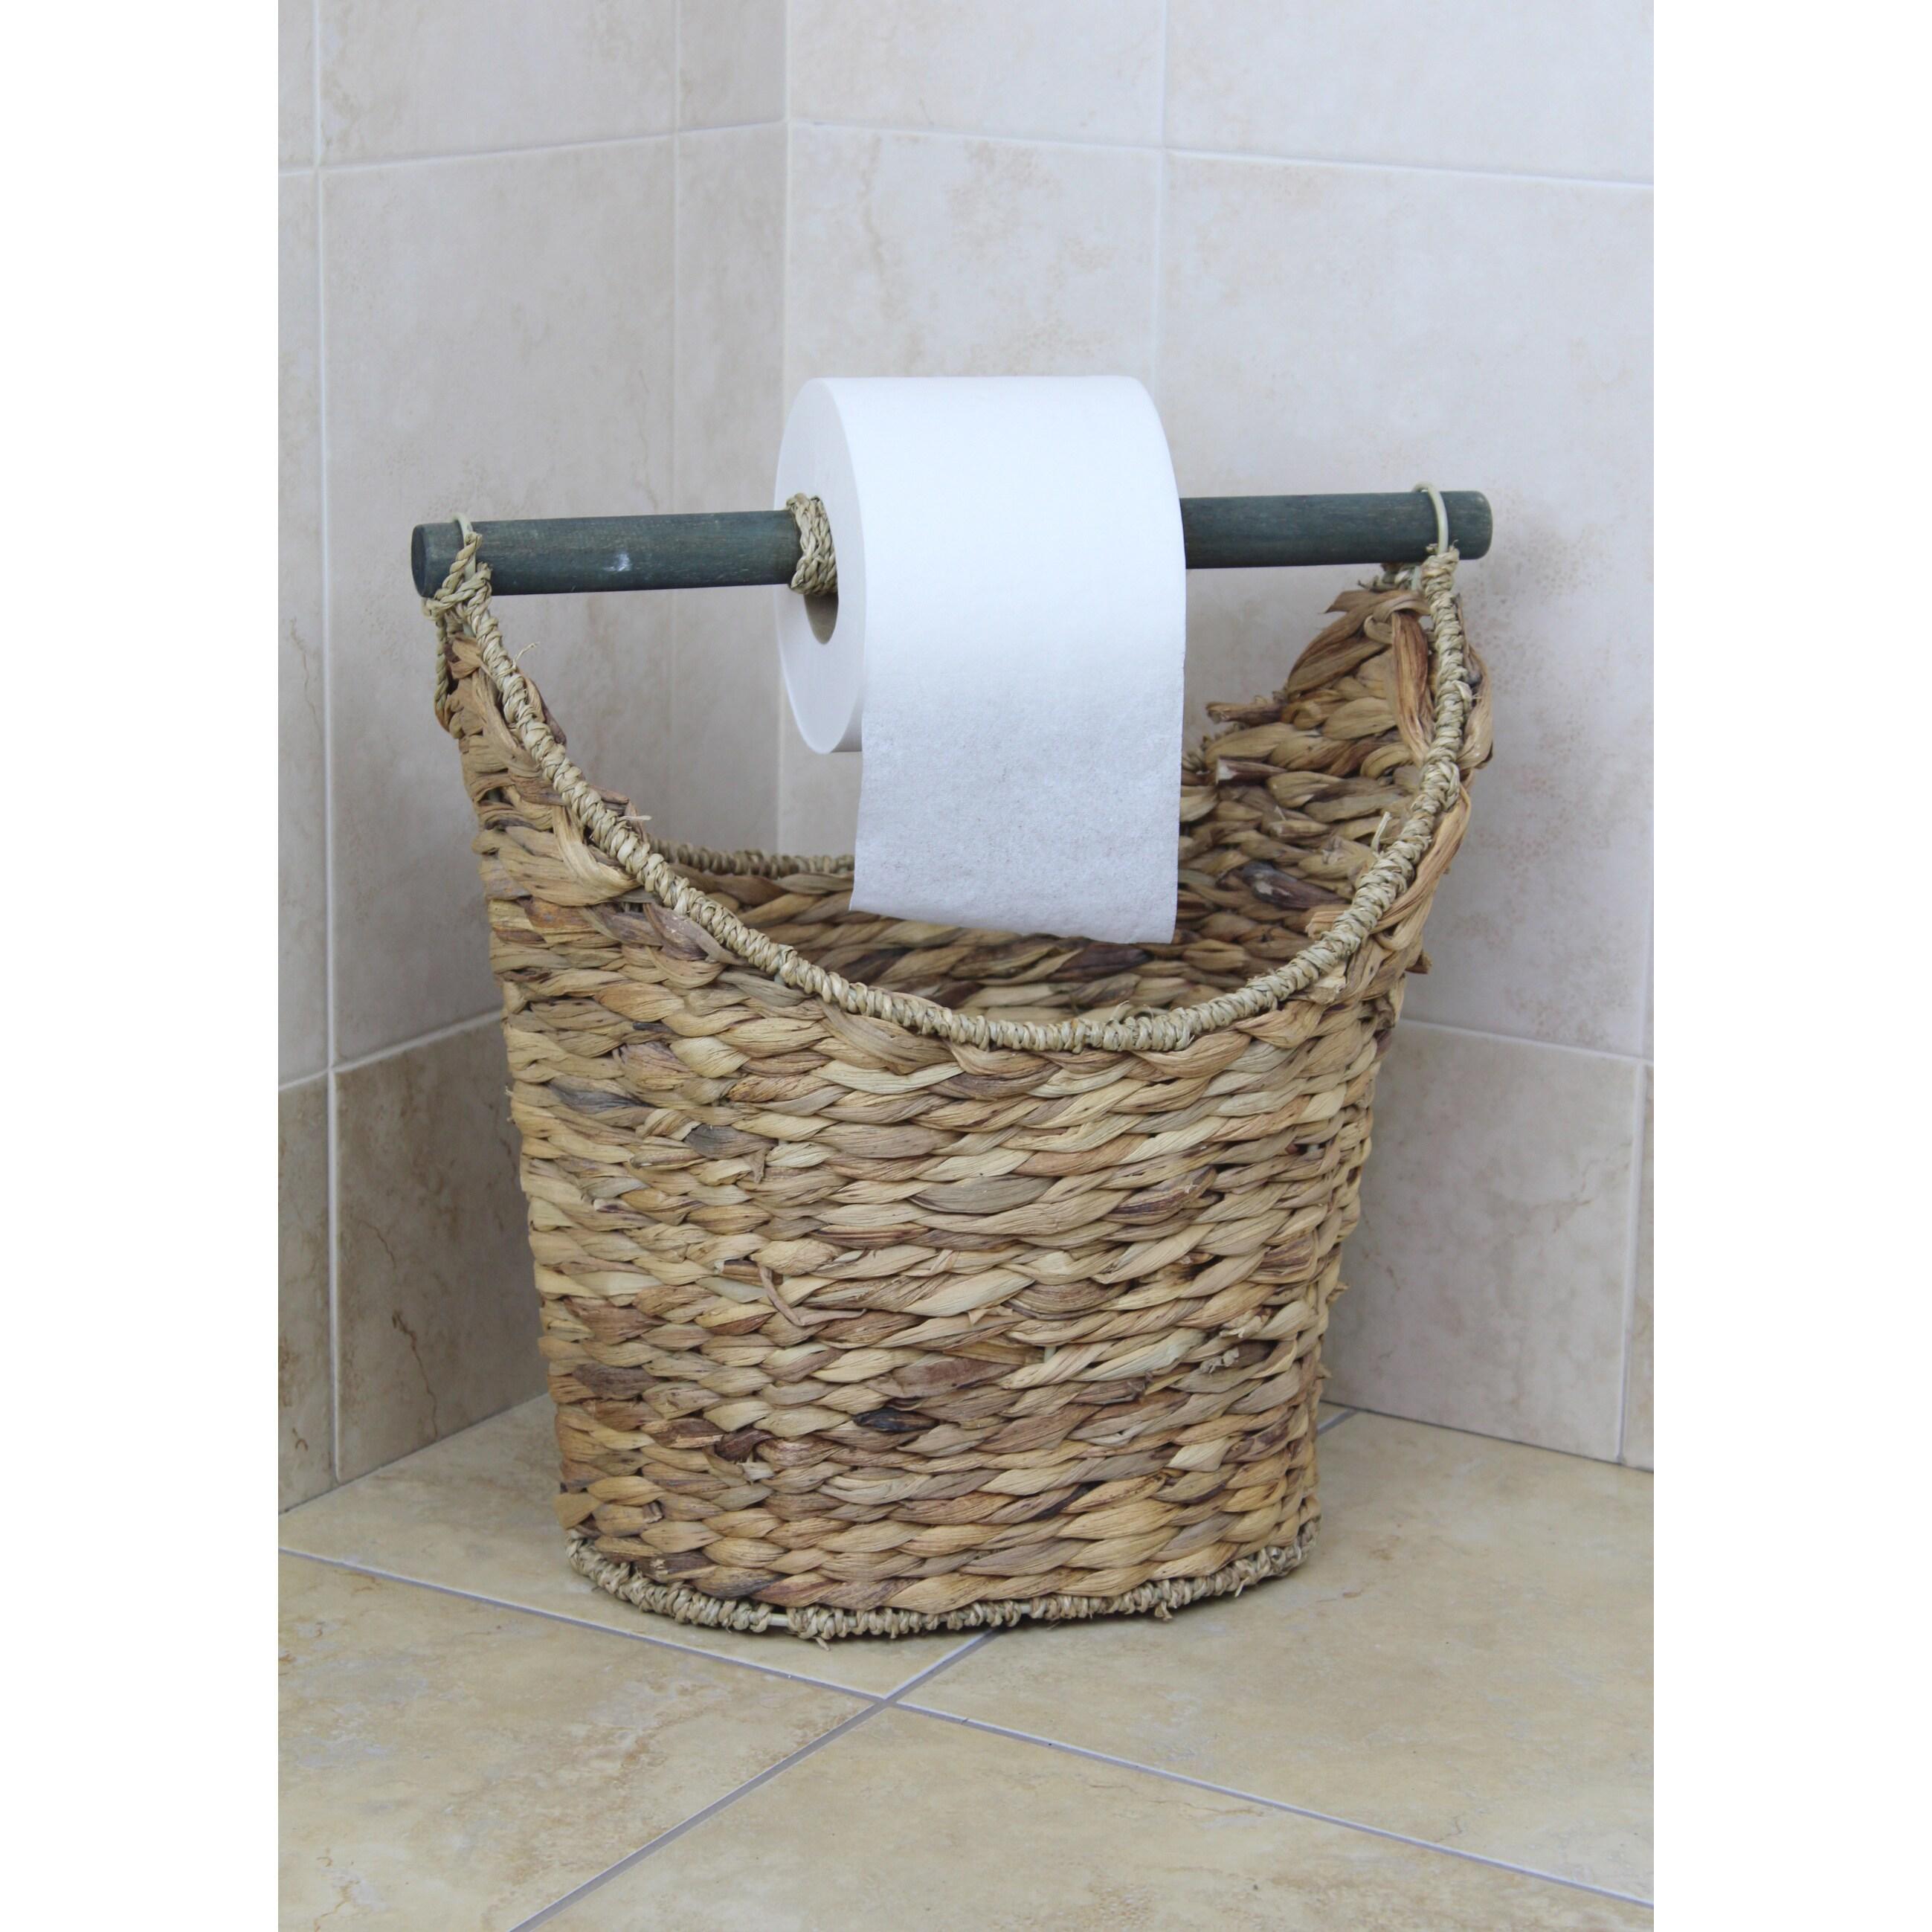 Shop Rustic Toilet Paper Holder Magazine Basket